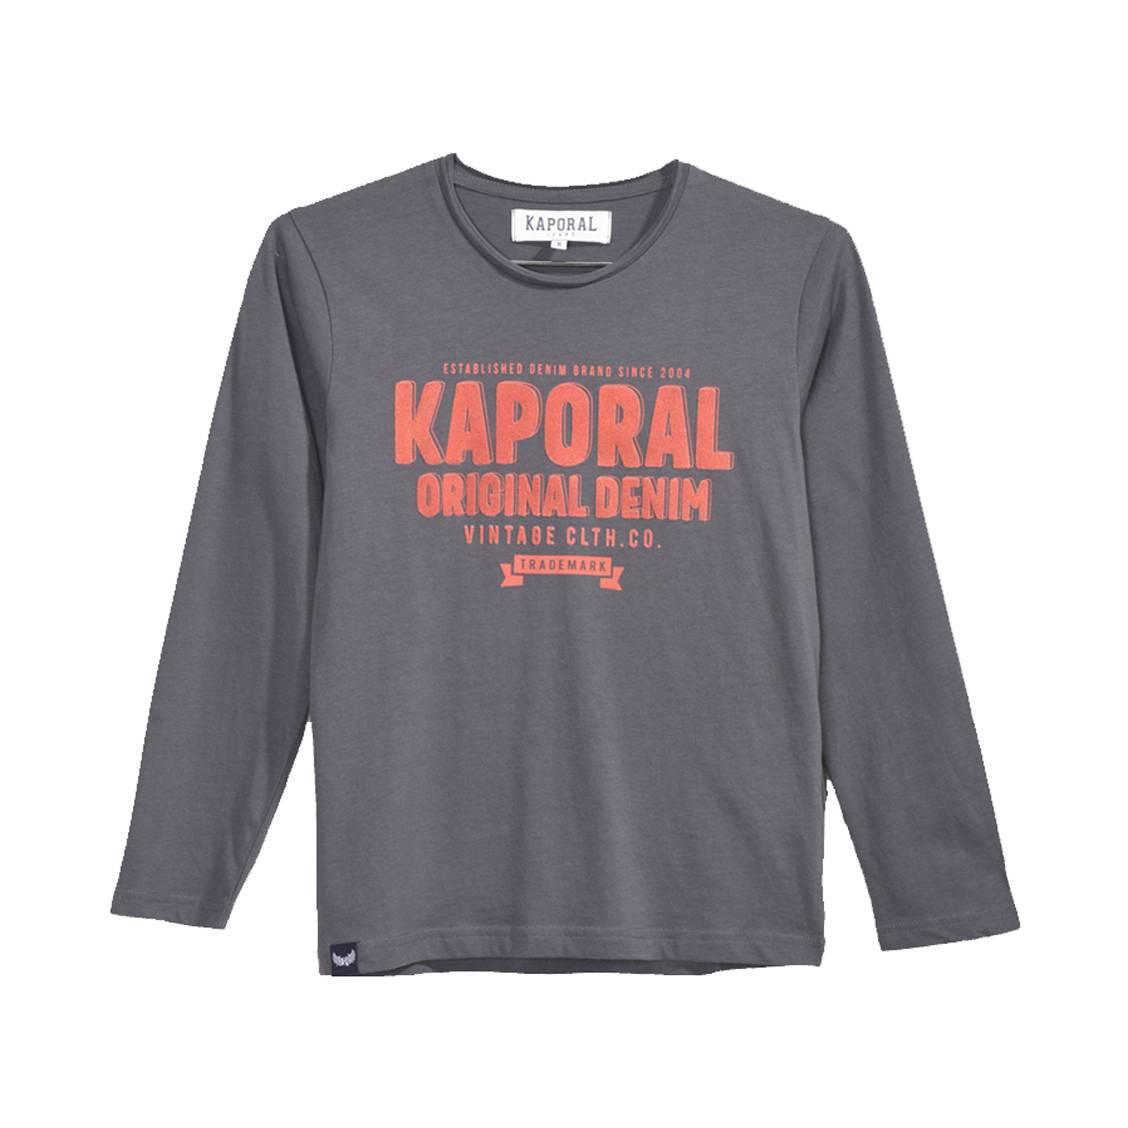 Tee-shirt col rond à manches longues  modo en coton gris anthracite